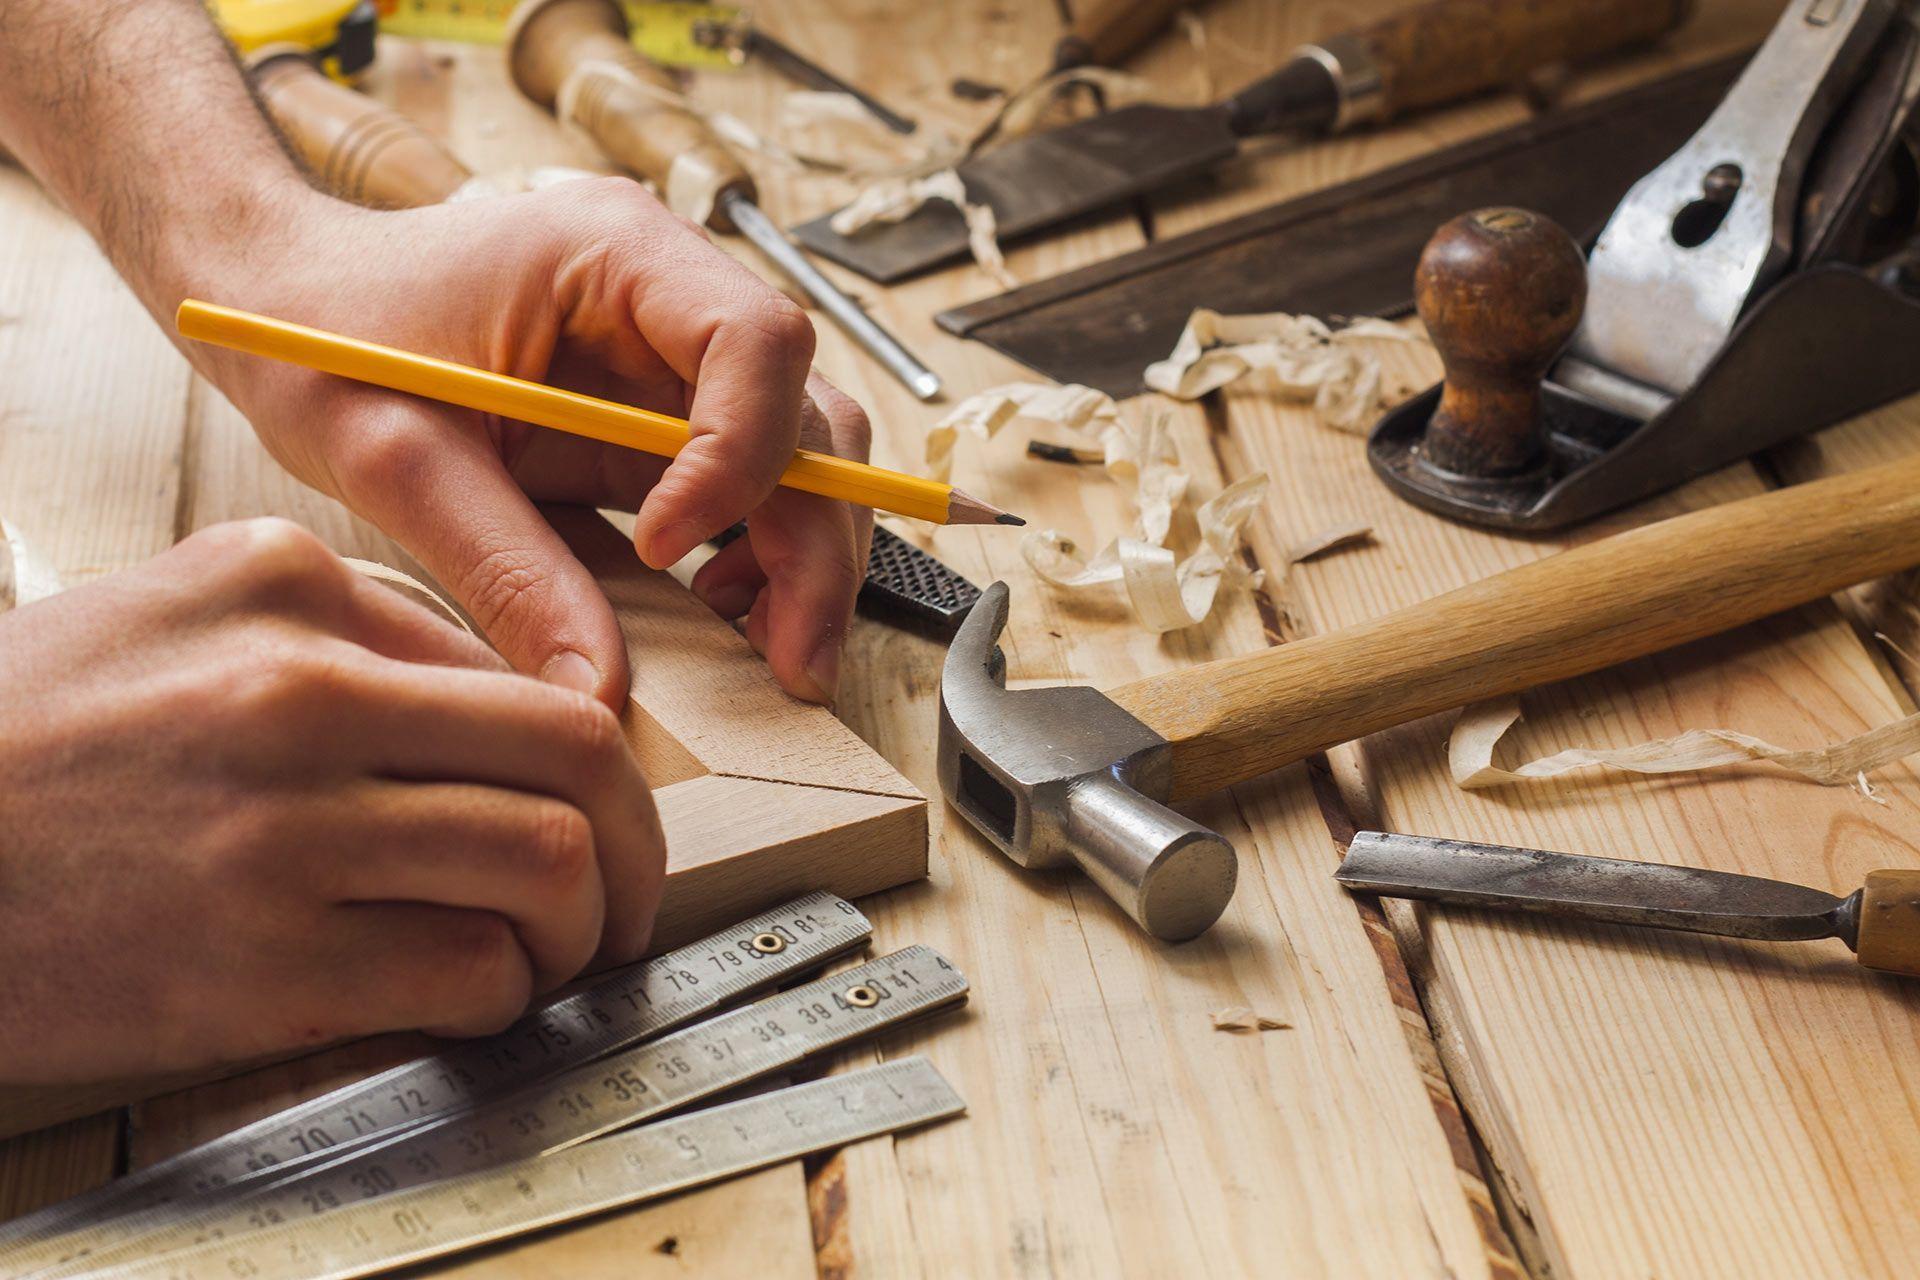 taller de carpinteria curso basico de carpinteria